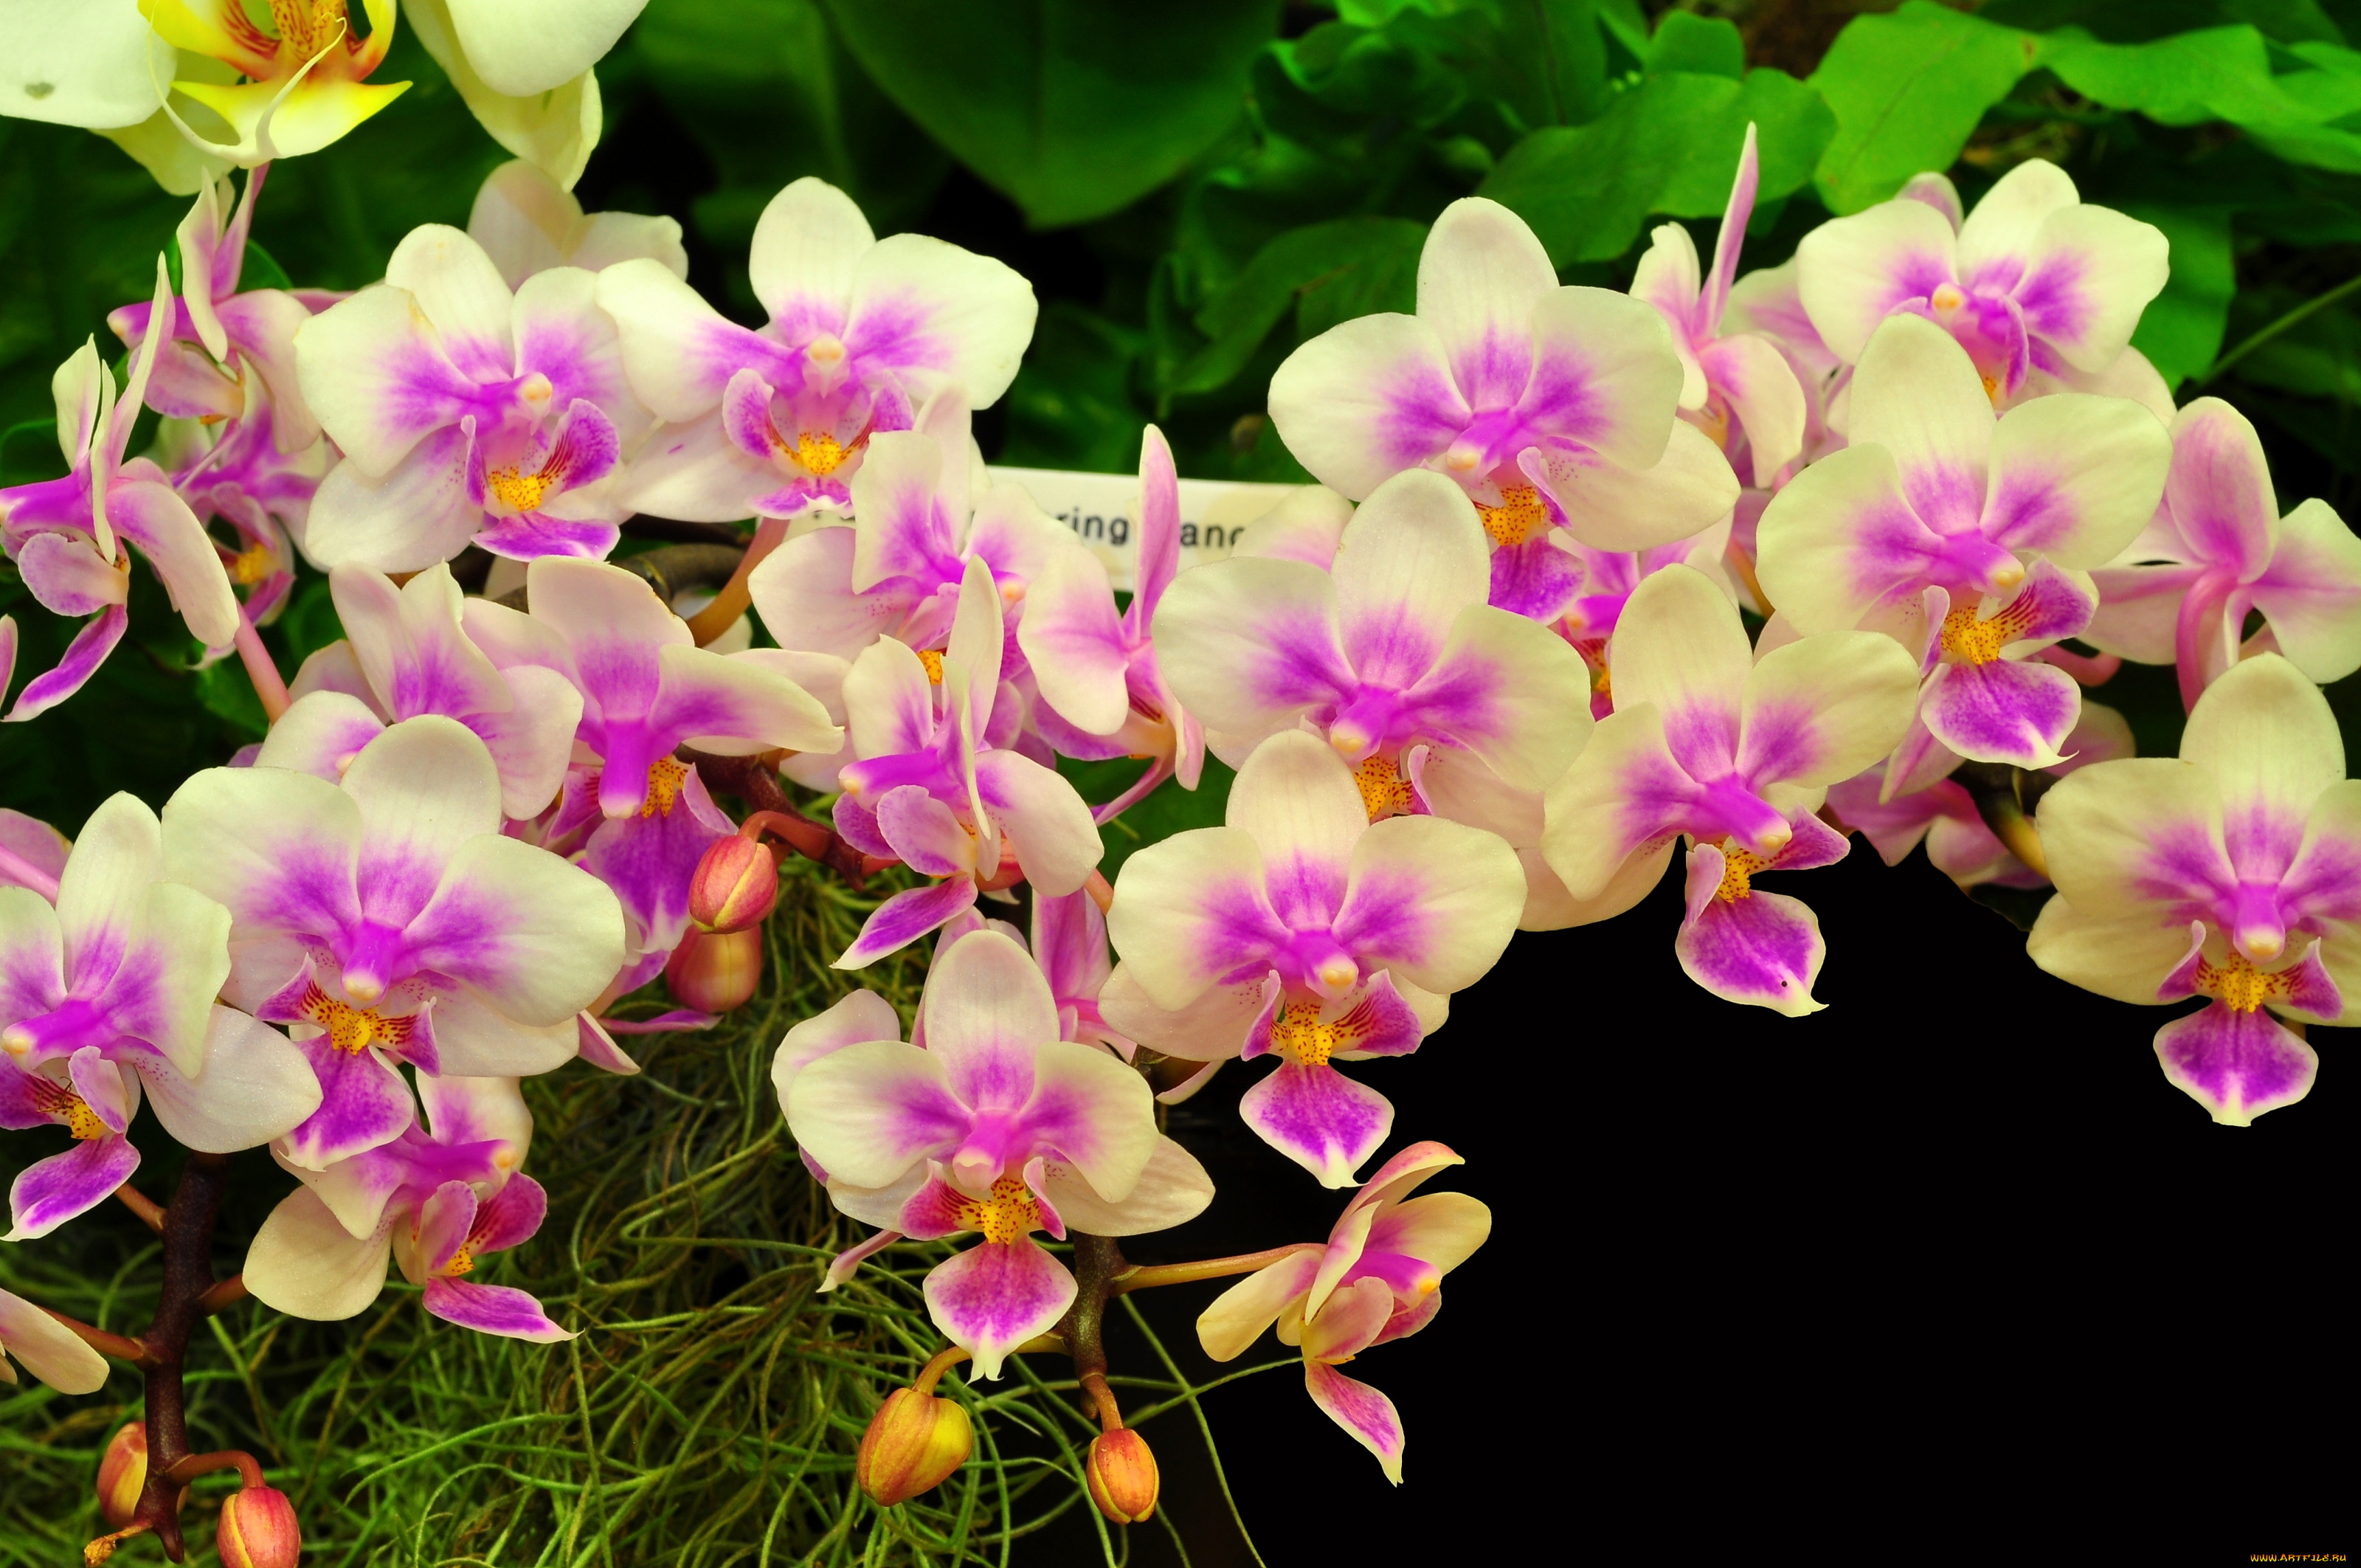 красивое фото цветка орхидея иначе зачем